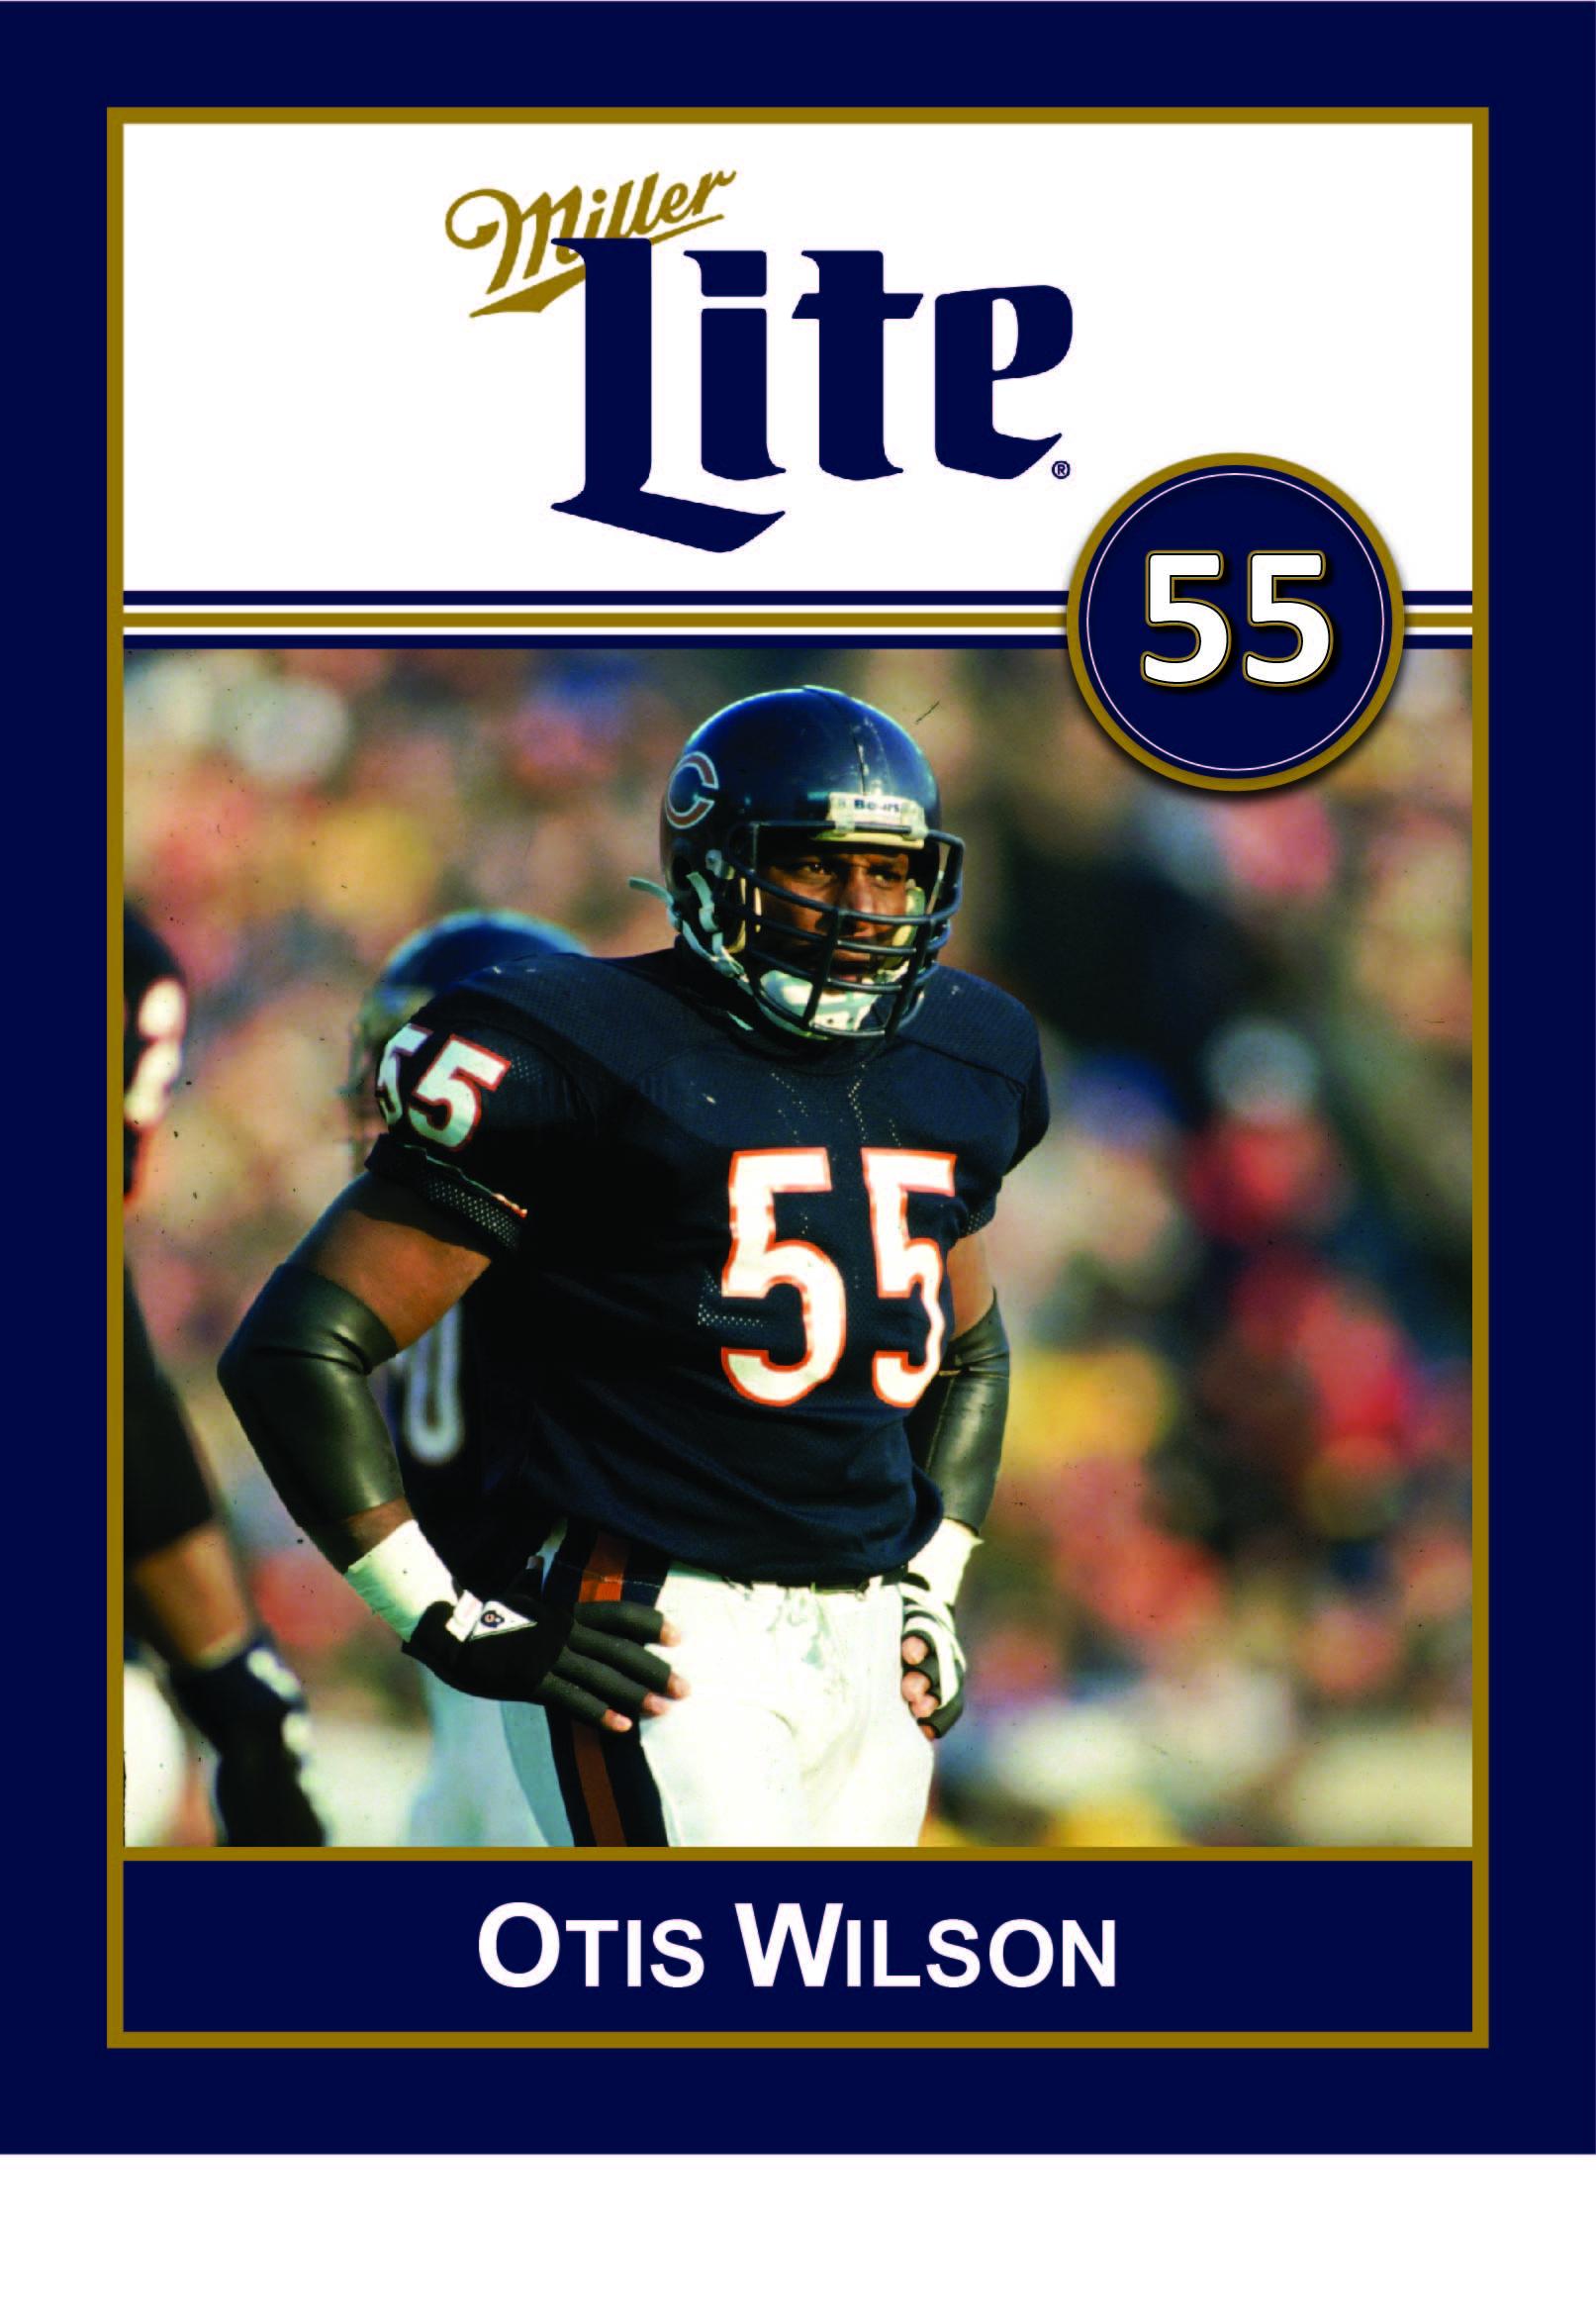 Miller Lite Chicago Bears Appearance with Otis Wilson